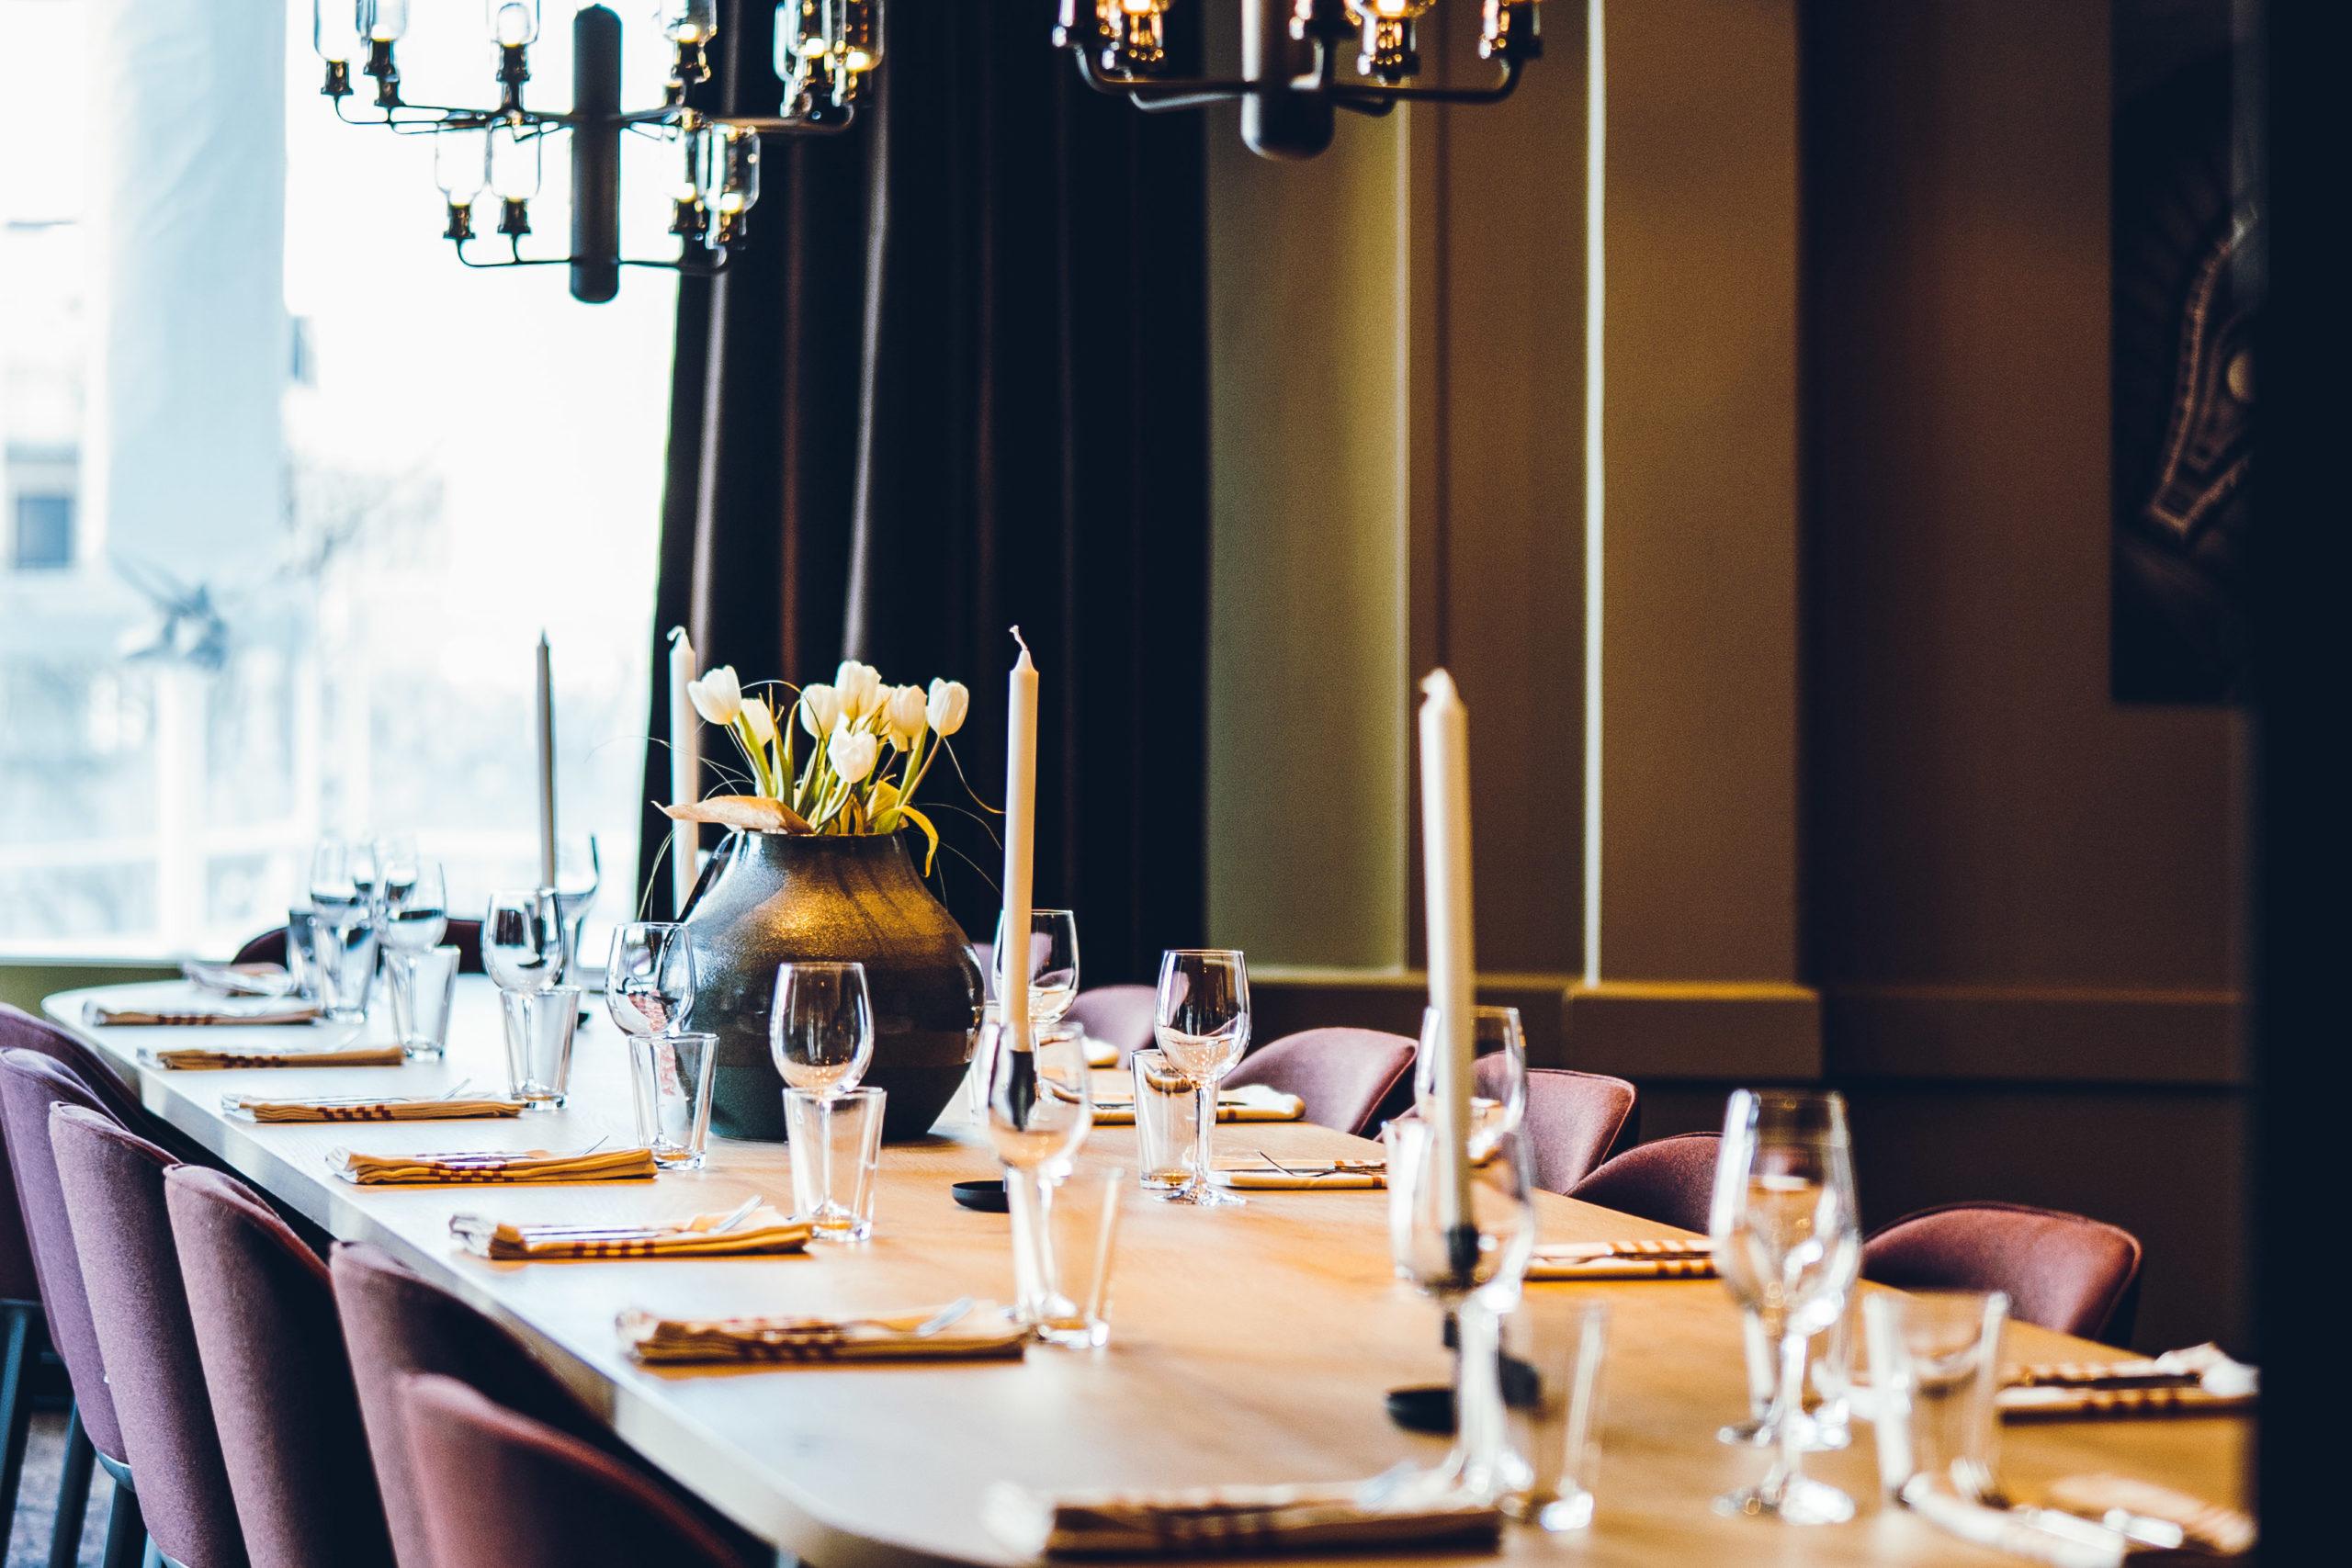 Pådekket bord, selskapsrom på Bjørk